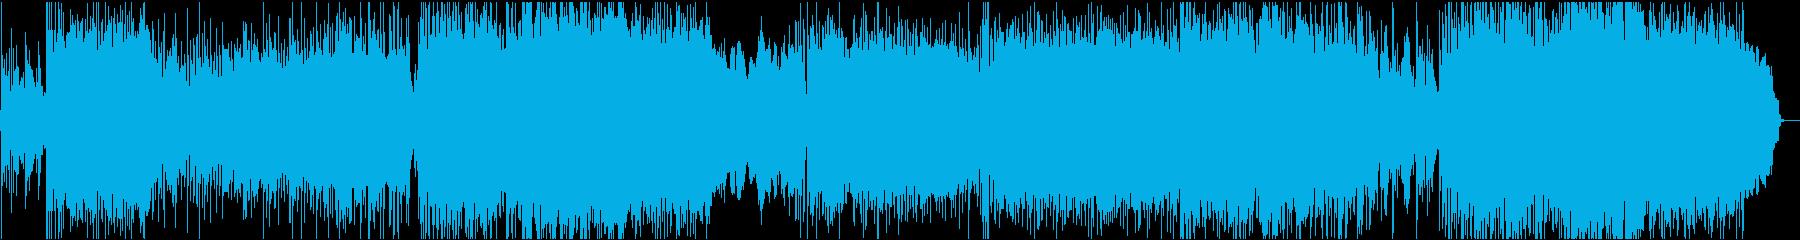 壮大なストリングスが特徴のロックバラードの再生済みの波形